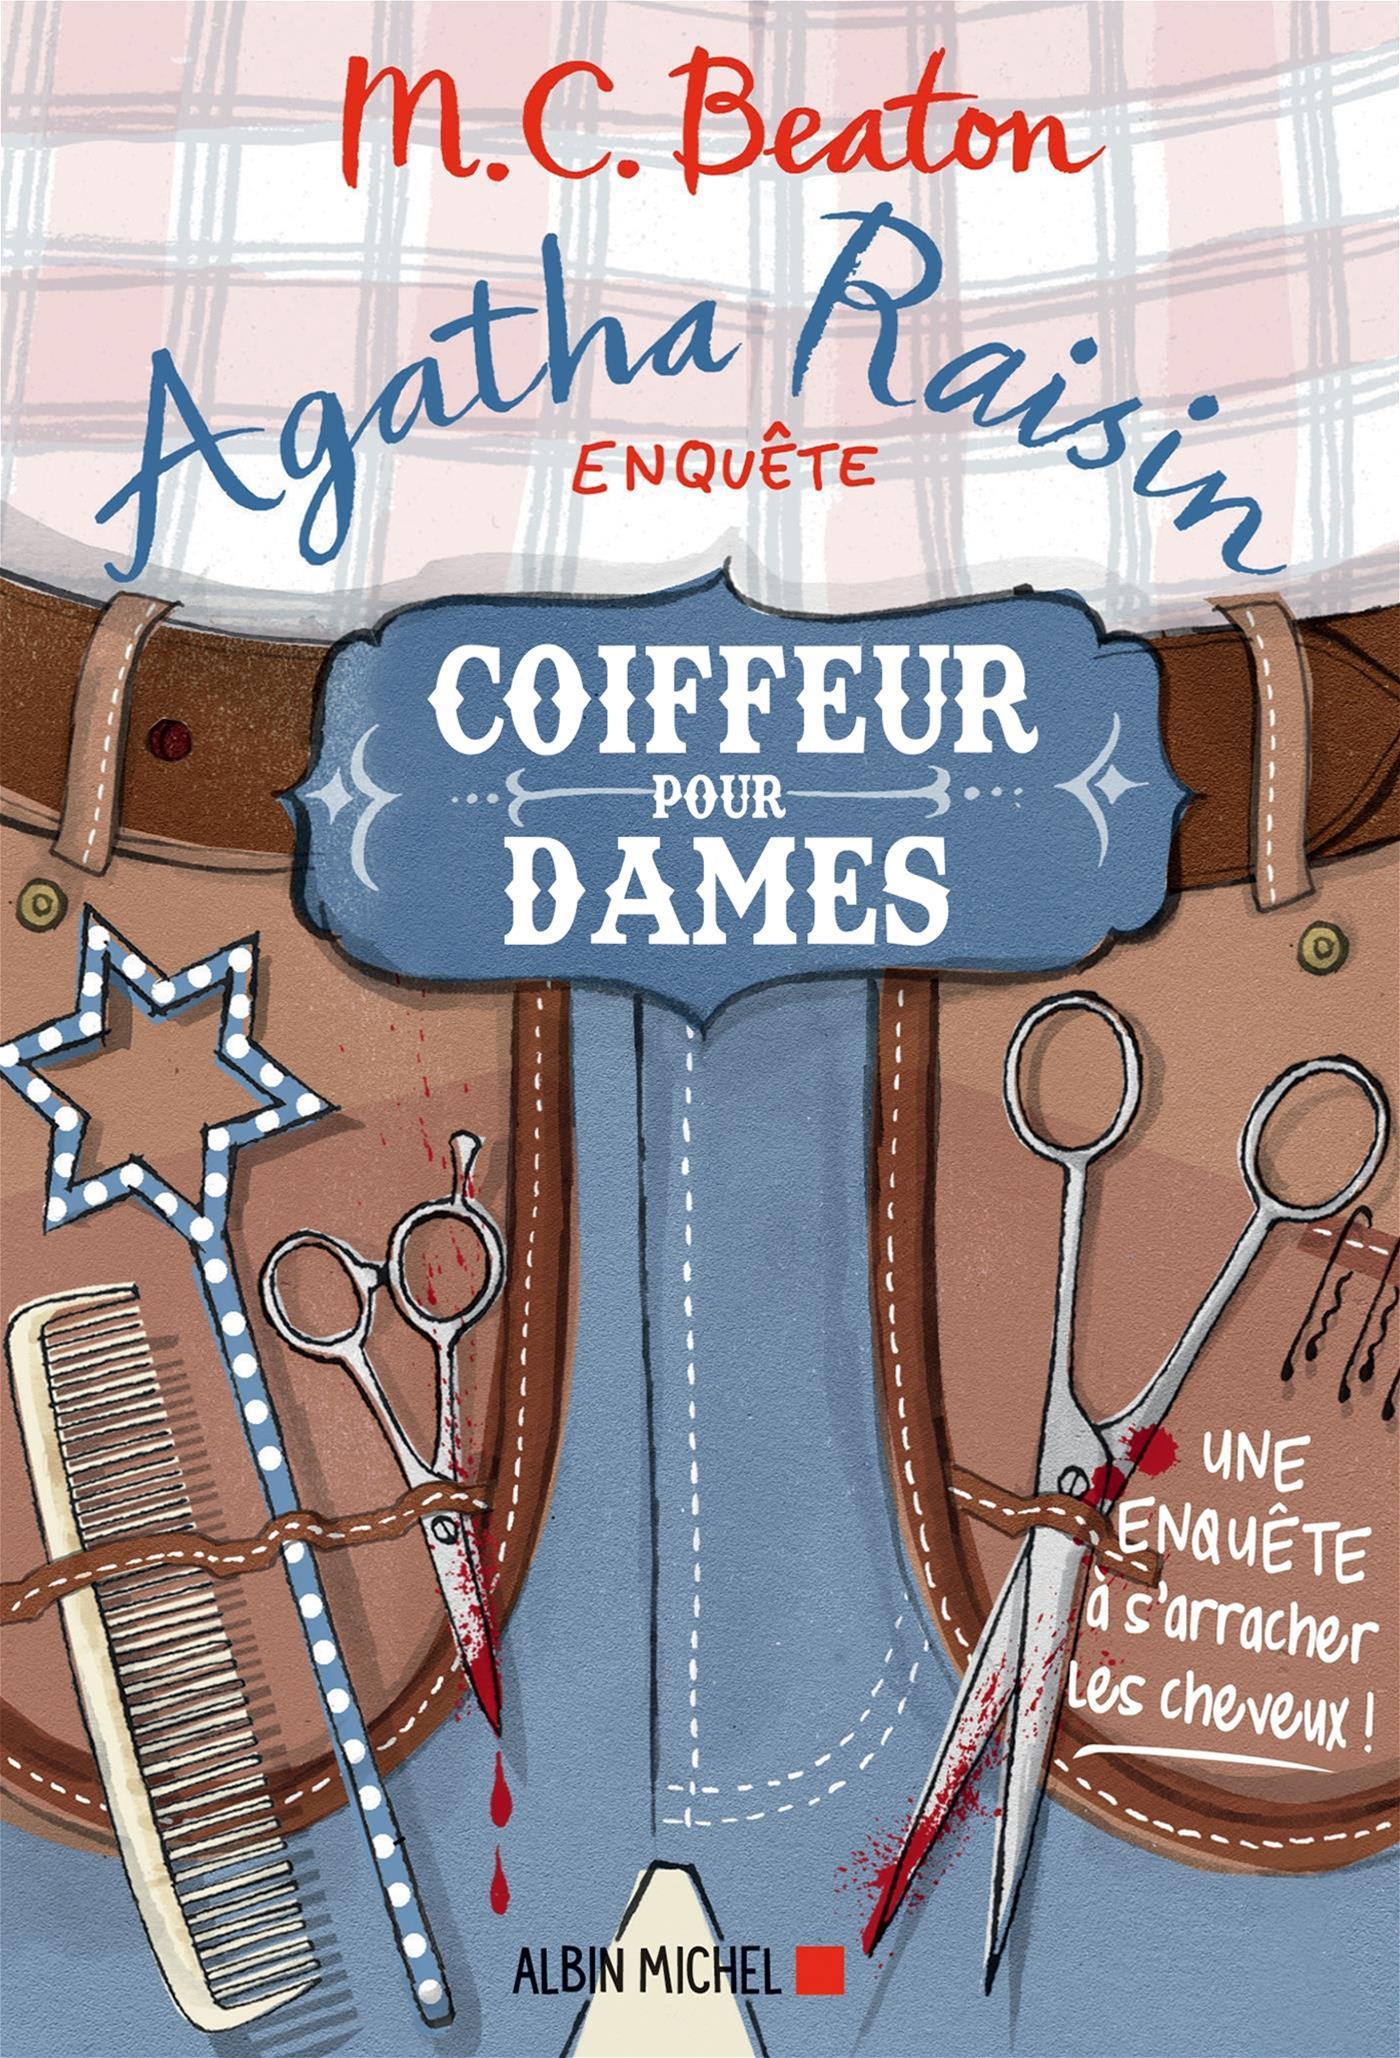 Agatha Raisin enquête 8 - Coiffeur pour dames